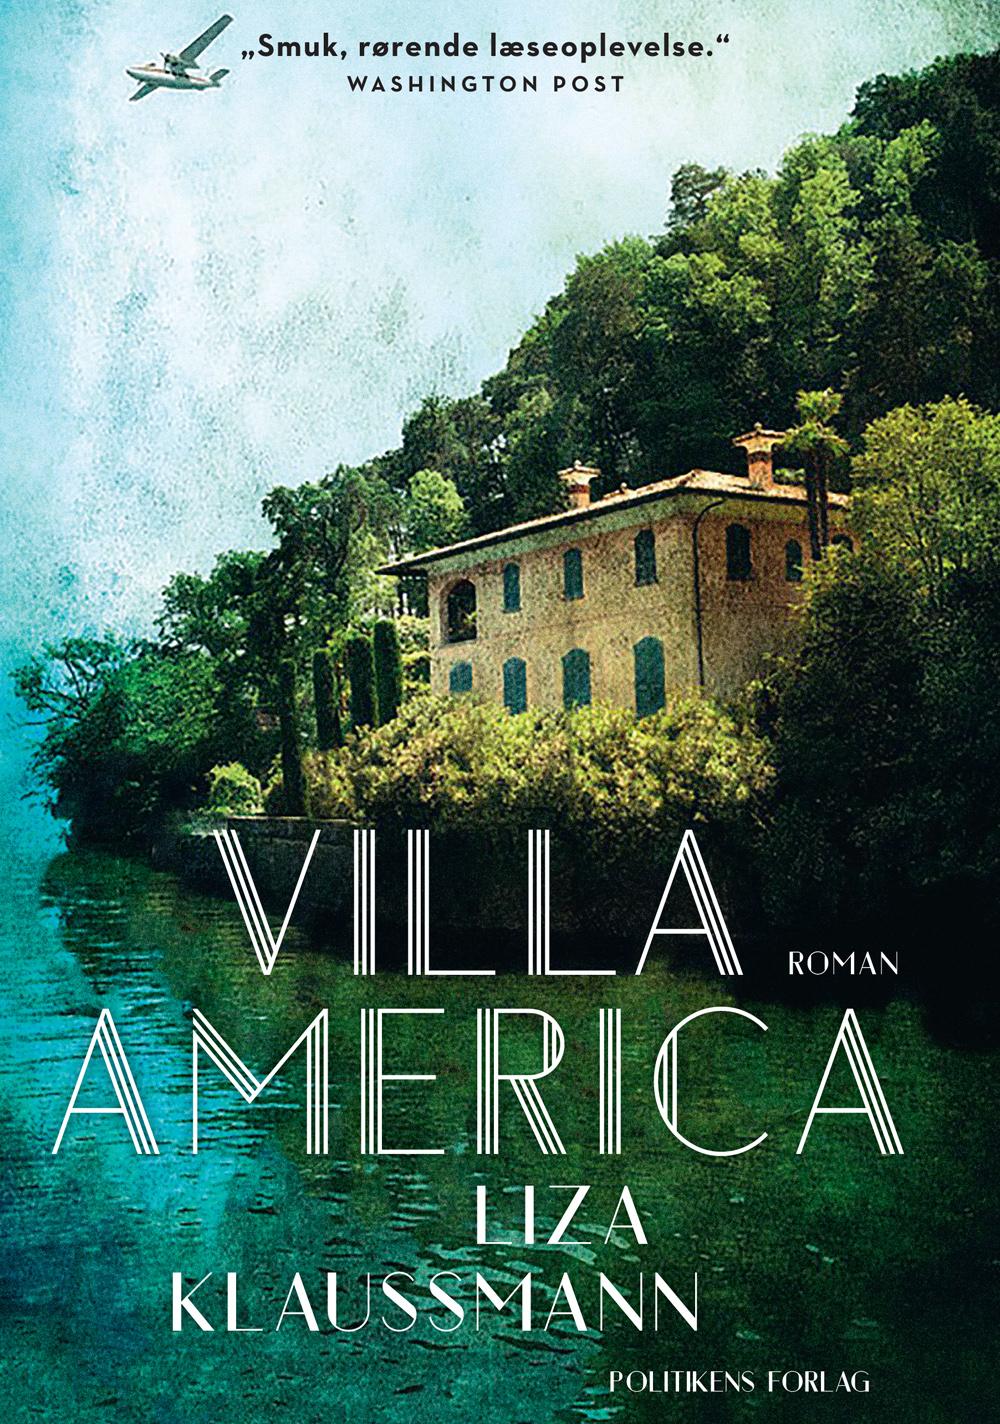 Villa america - e-bog fra N/A på bog & mystik